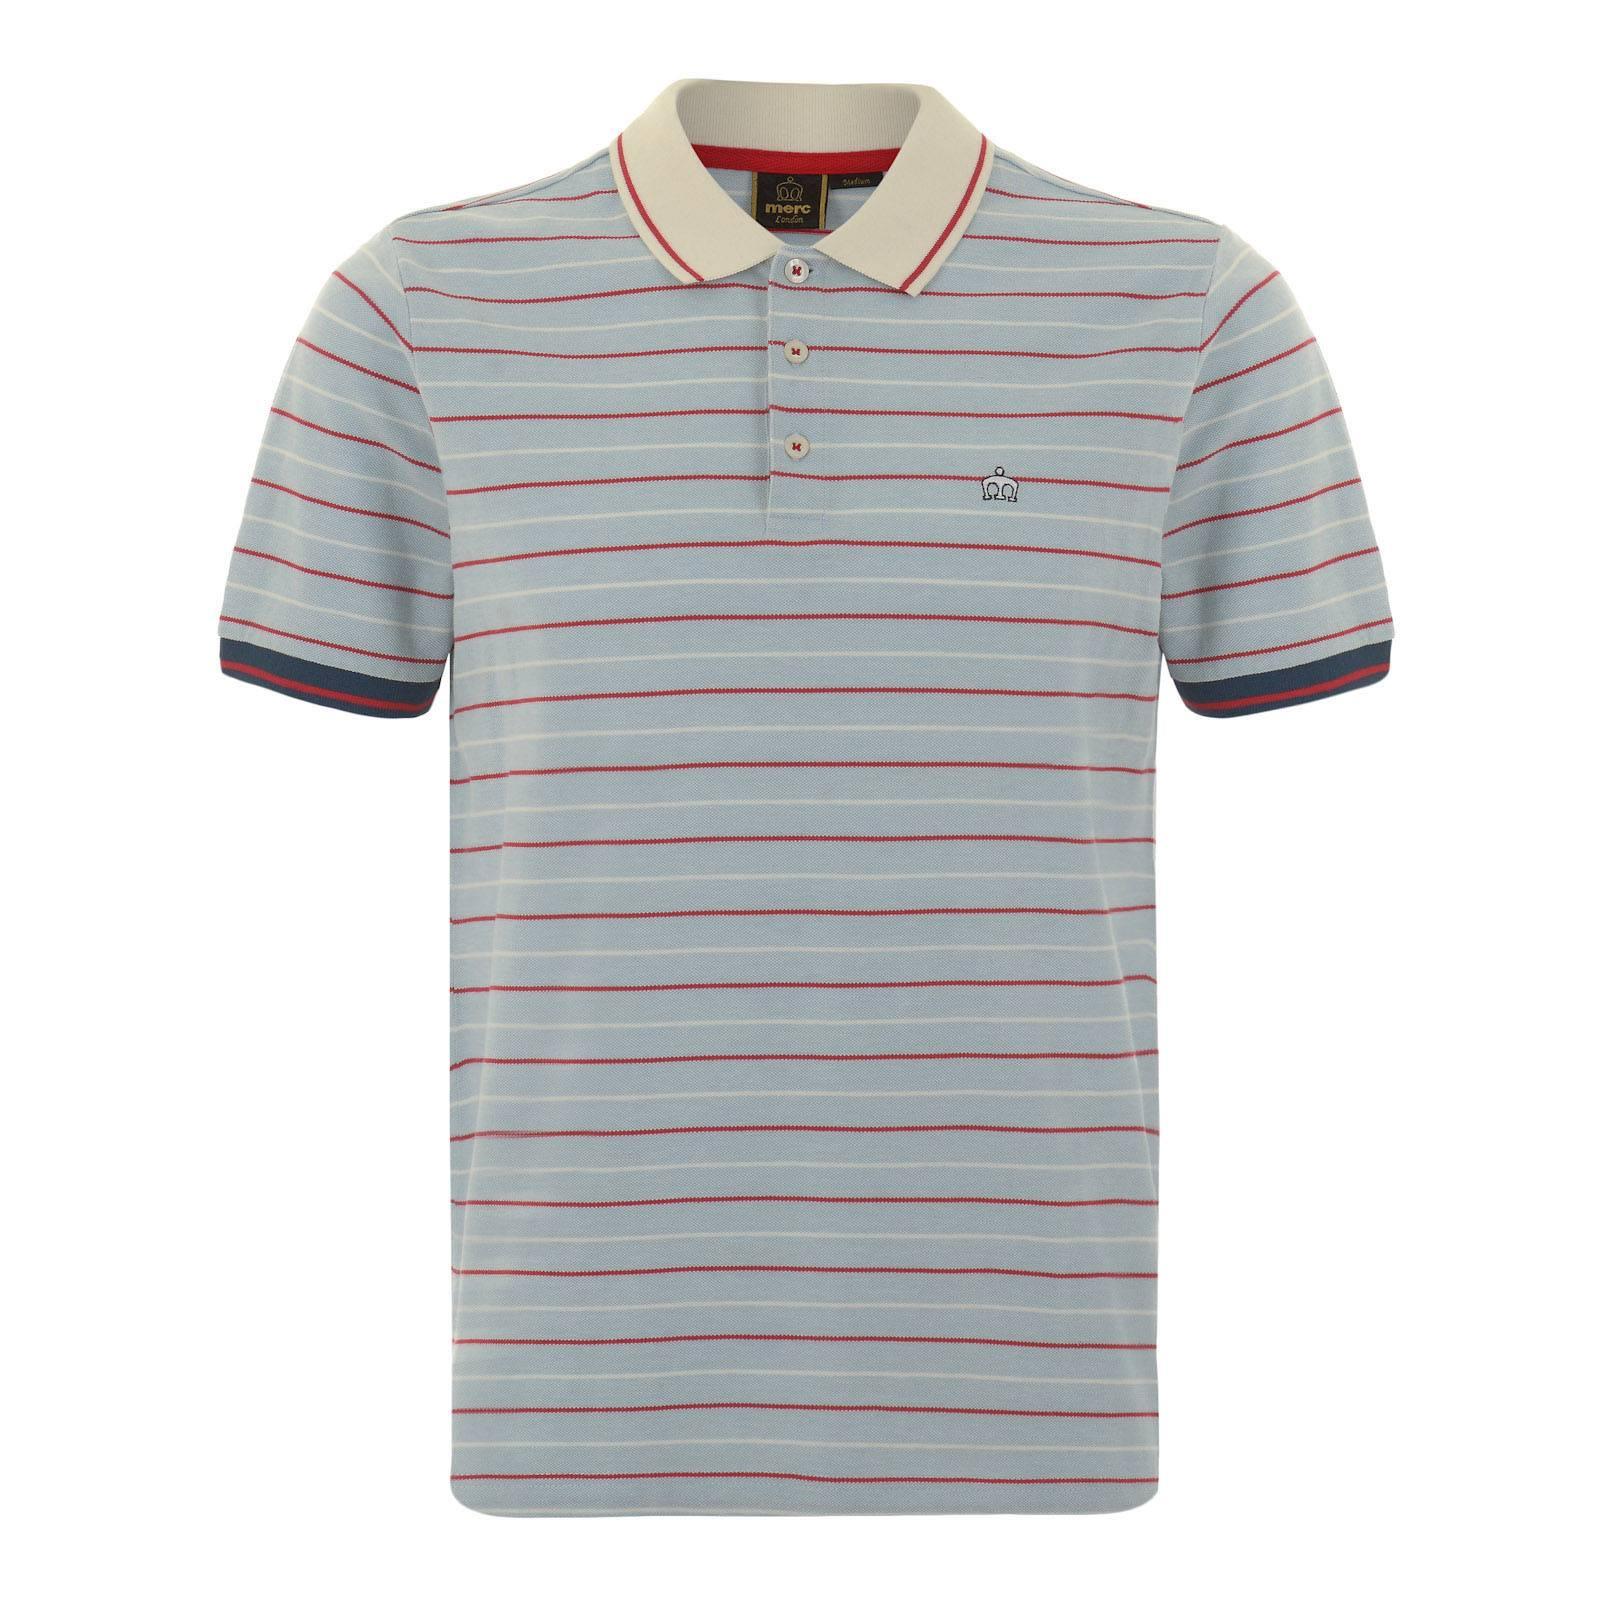 Рубашка Поло JensenКлассические<br>Мужская рубашка поло, произведенная из текстурного хлопкового материала «пике» в тонкую двухцветную полоску. Контрастные манжеты и воротник композиционно объединяет однострочный красный кант, а вышитый слева на груди фирменный логотип Корона добавляет этой аутентичной ретро модели налёт современного casual аристократизма. Приятное глазу созвучие мягких цветов гармонично впишется в радостную атмосферу весеннее-летнего гардероба. Идеально сочетается с синими чиносами, рыжими или песочными Desert Boot и Харрингтоном. Также можно носить с шортами и классическими кроссовками.<br><br>Артикул: 1915107<br>Материал: 100% хлопок<br>Цвет: голубой<br>Пол: Мужской